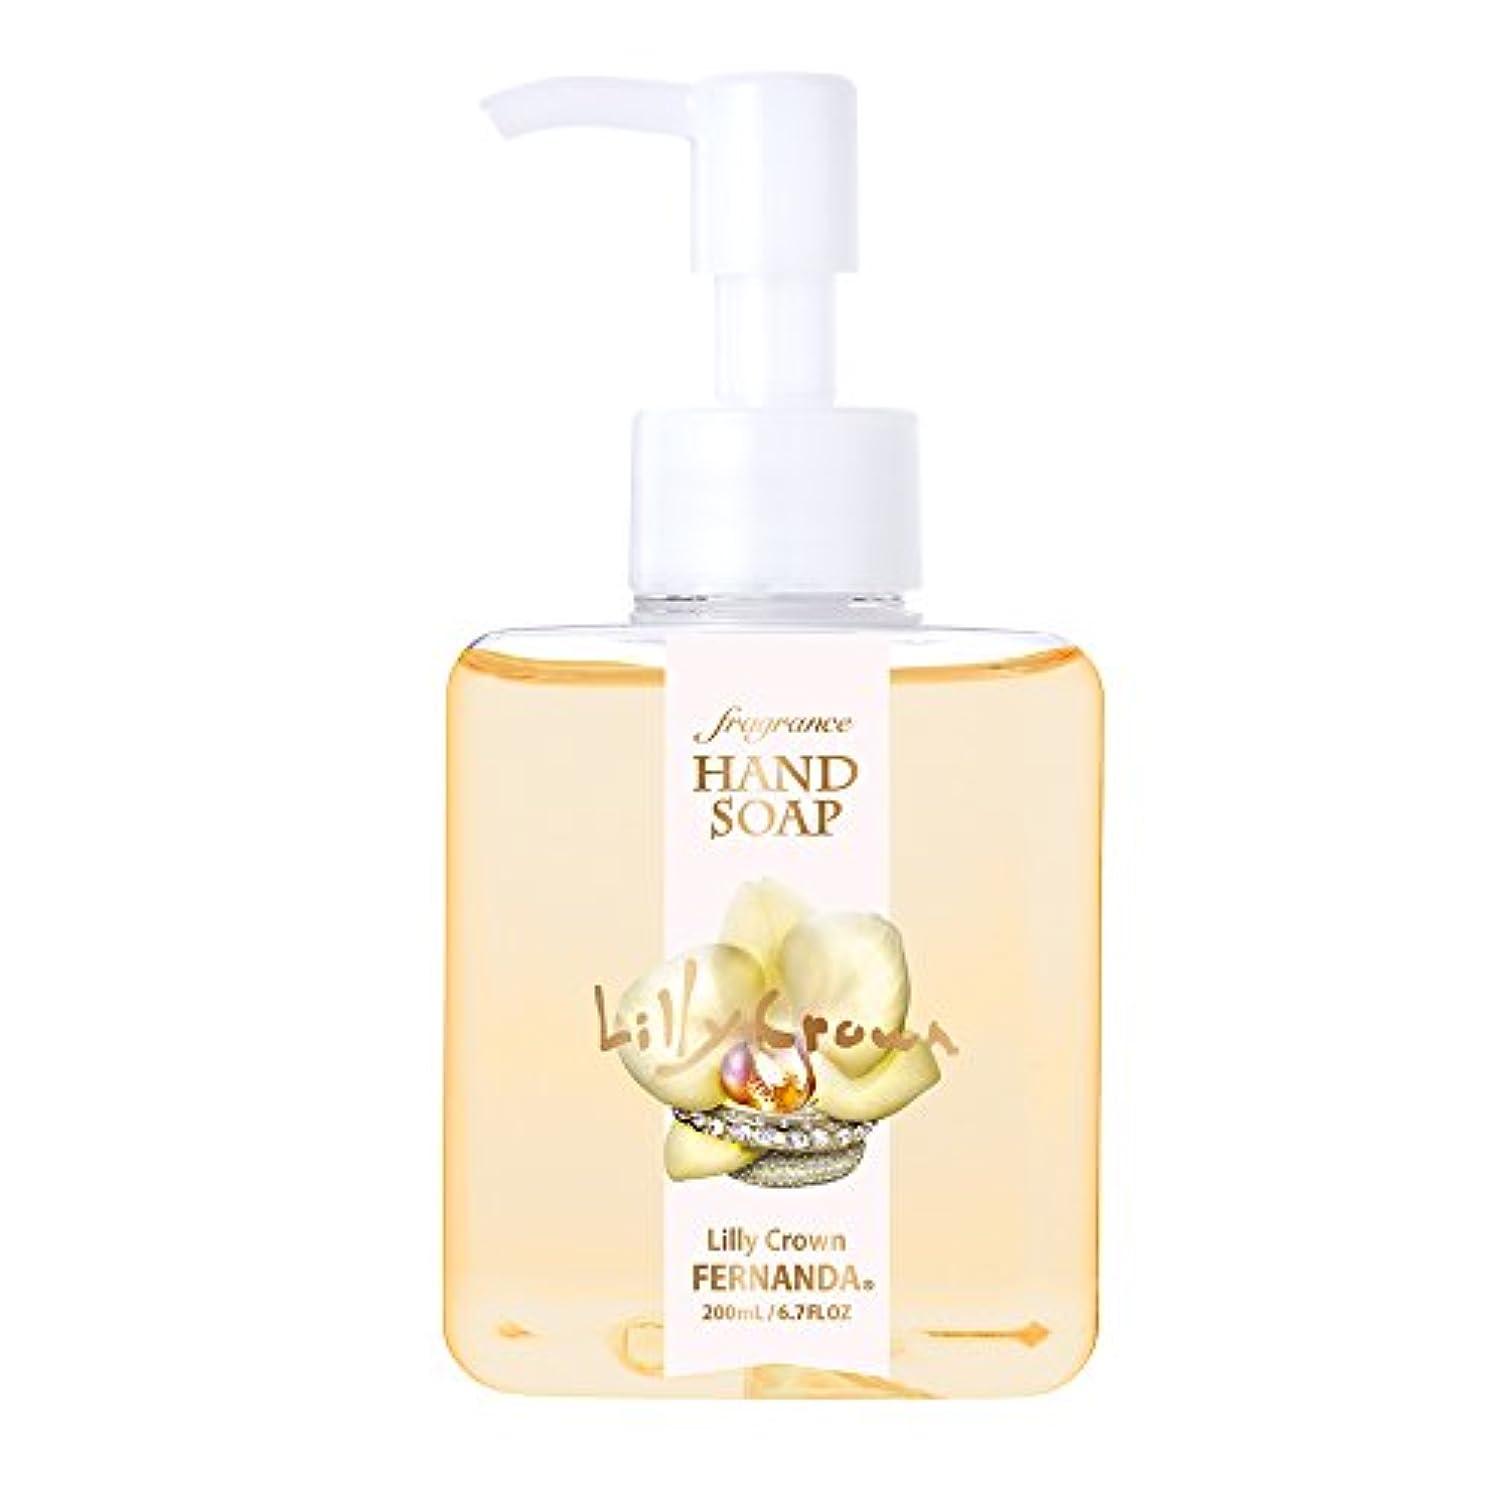 語スライスレーザFERNANDA(フェルナンダ) Fragrance Hand Soap Lilly Crown (ハンドソープ リリークラウン)